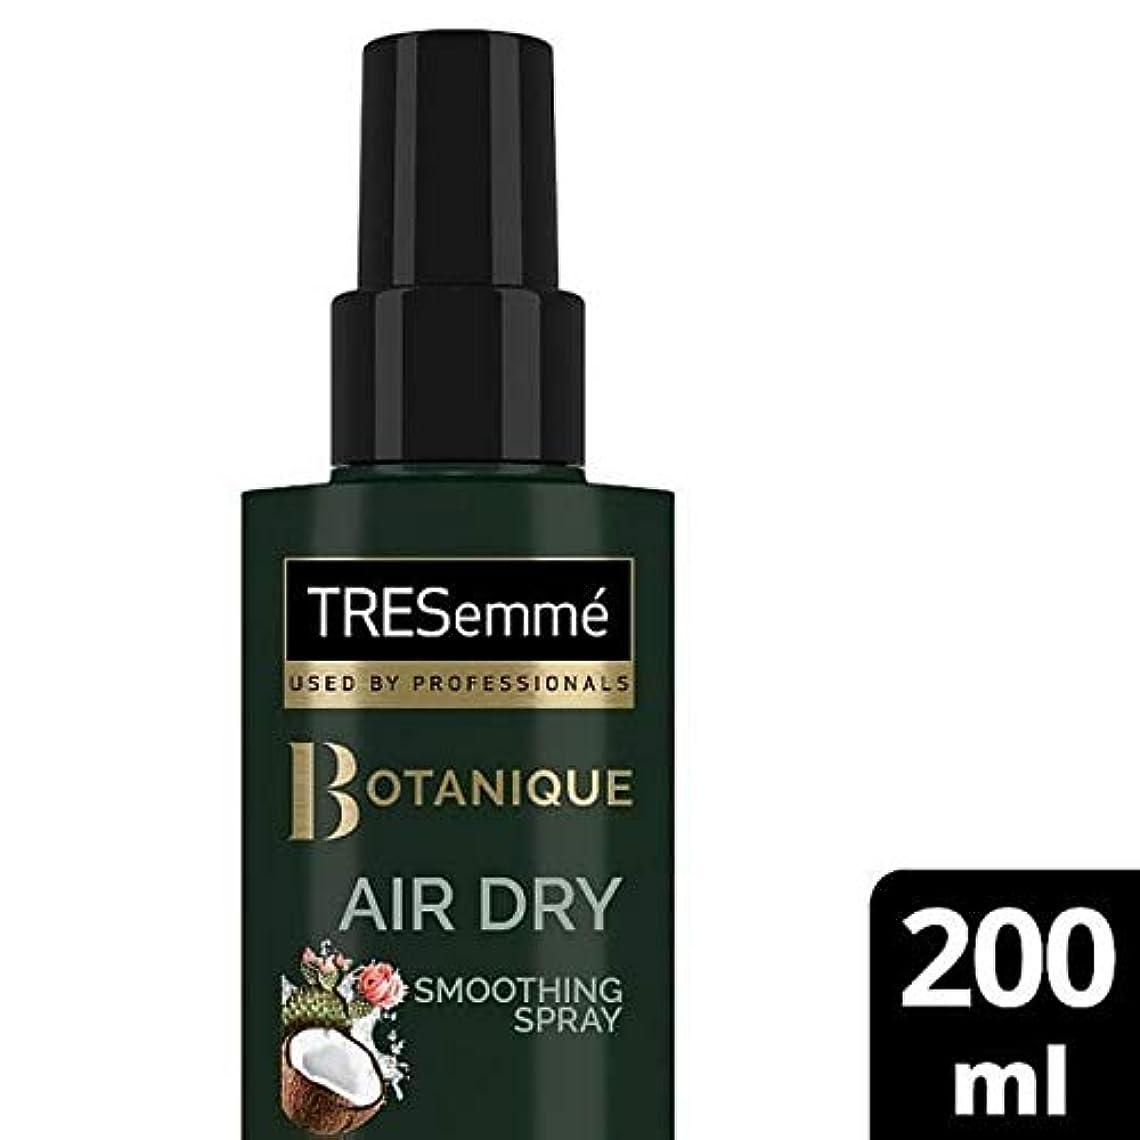 重大アクティブ認証[Tresemme] Tresemmeドライ平滑Aquasprayの20ミリリットル - TRESemme Dry Smoothing Aquaspray 20ml [並行輸入品]